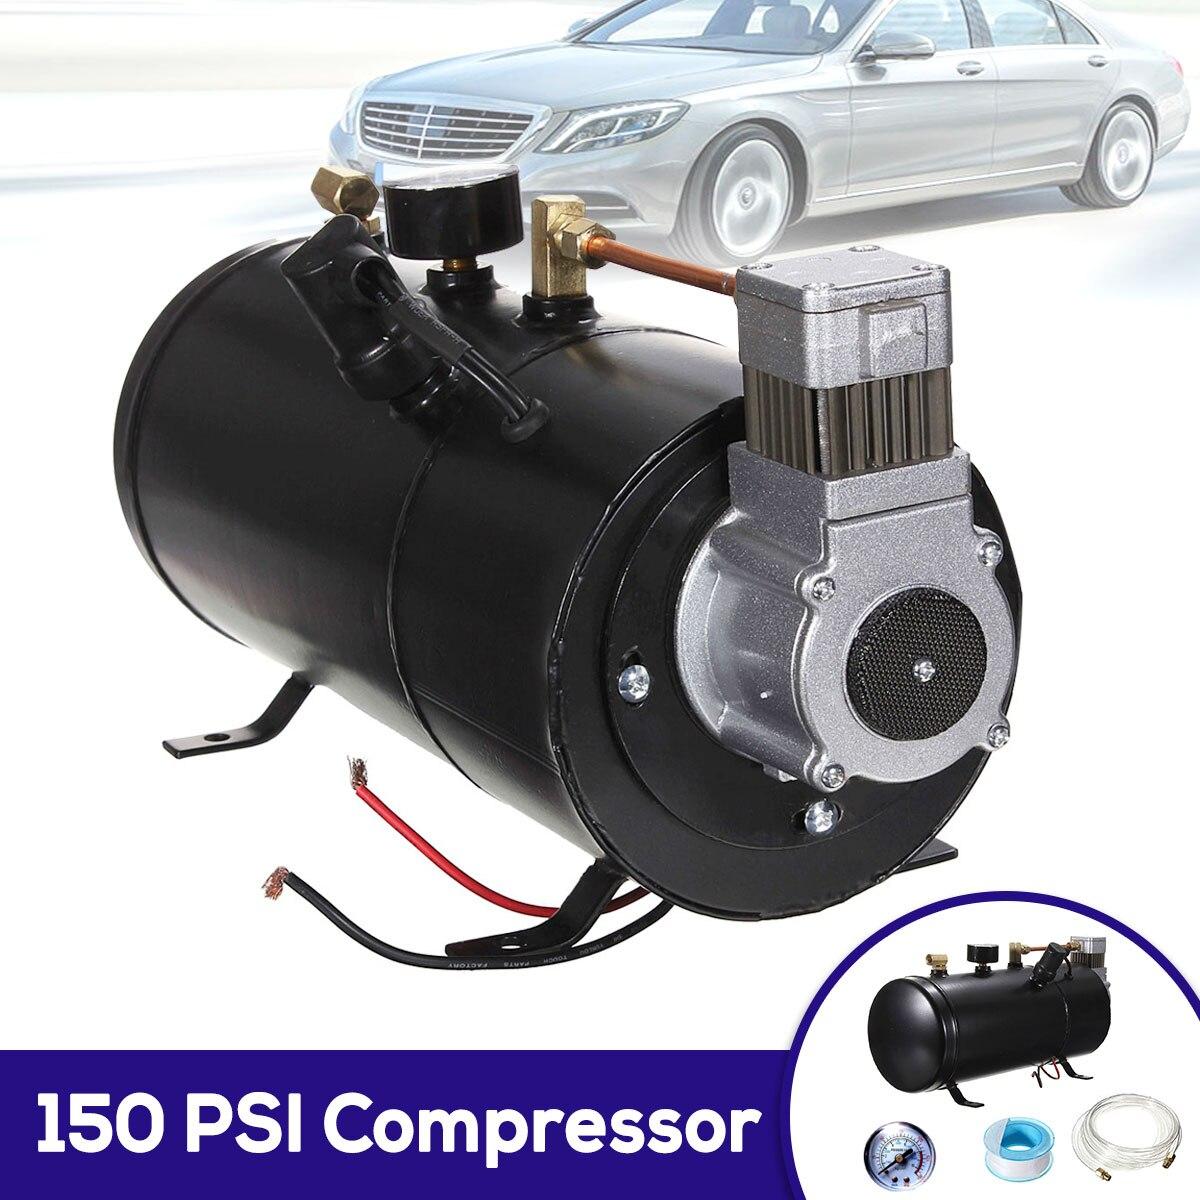 Compresseur d'air électrique de compresseur de 150 PSI 12 V avec la capacité de réservoir de 3 litres pour le pneu automatique de bicyclette de camion de Train de klaxon d'air H004